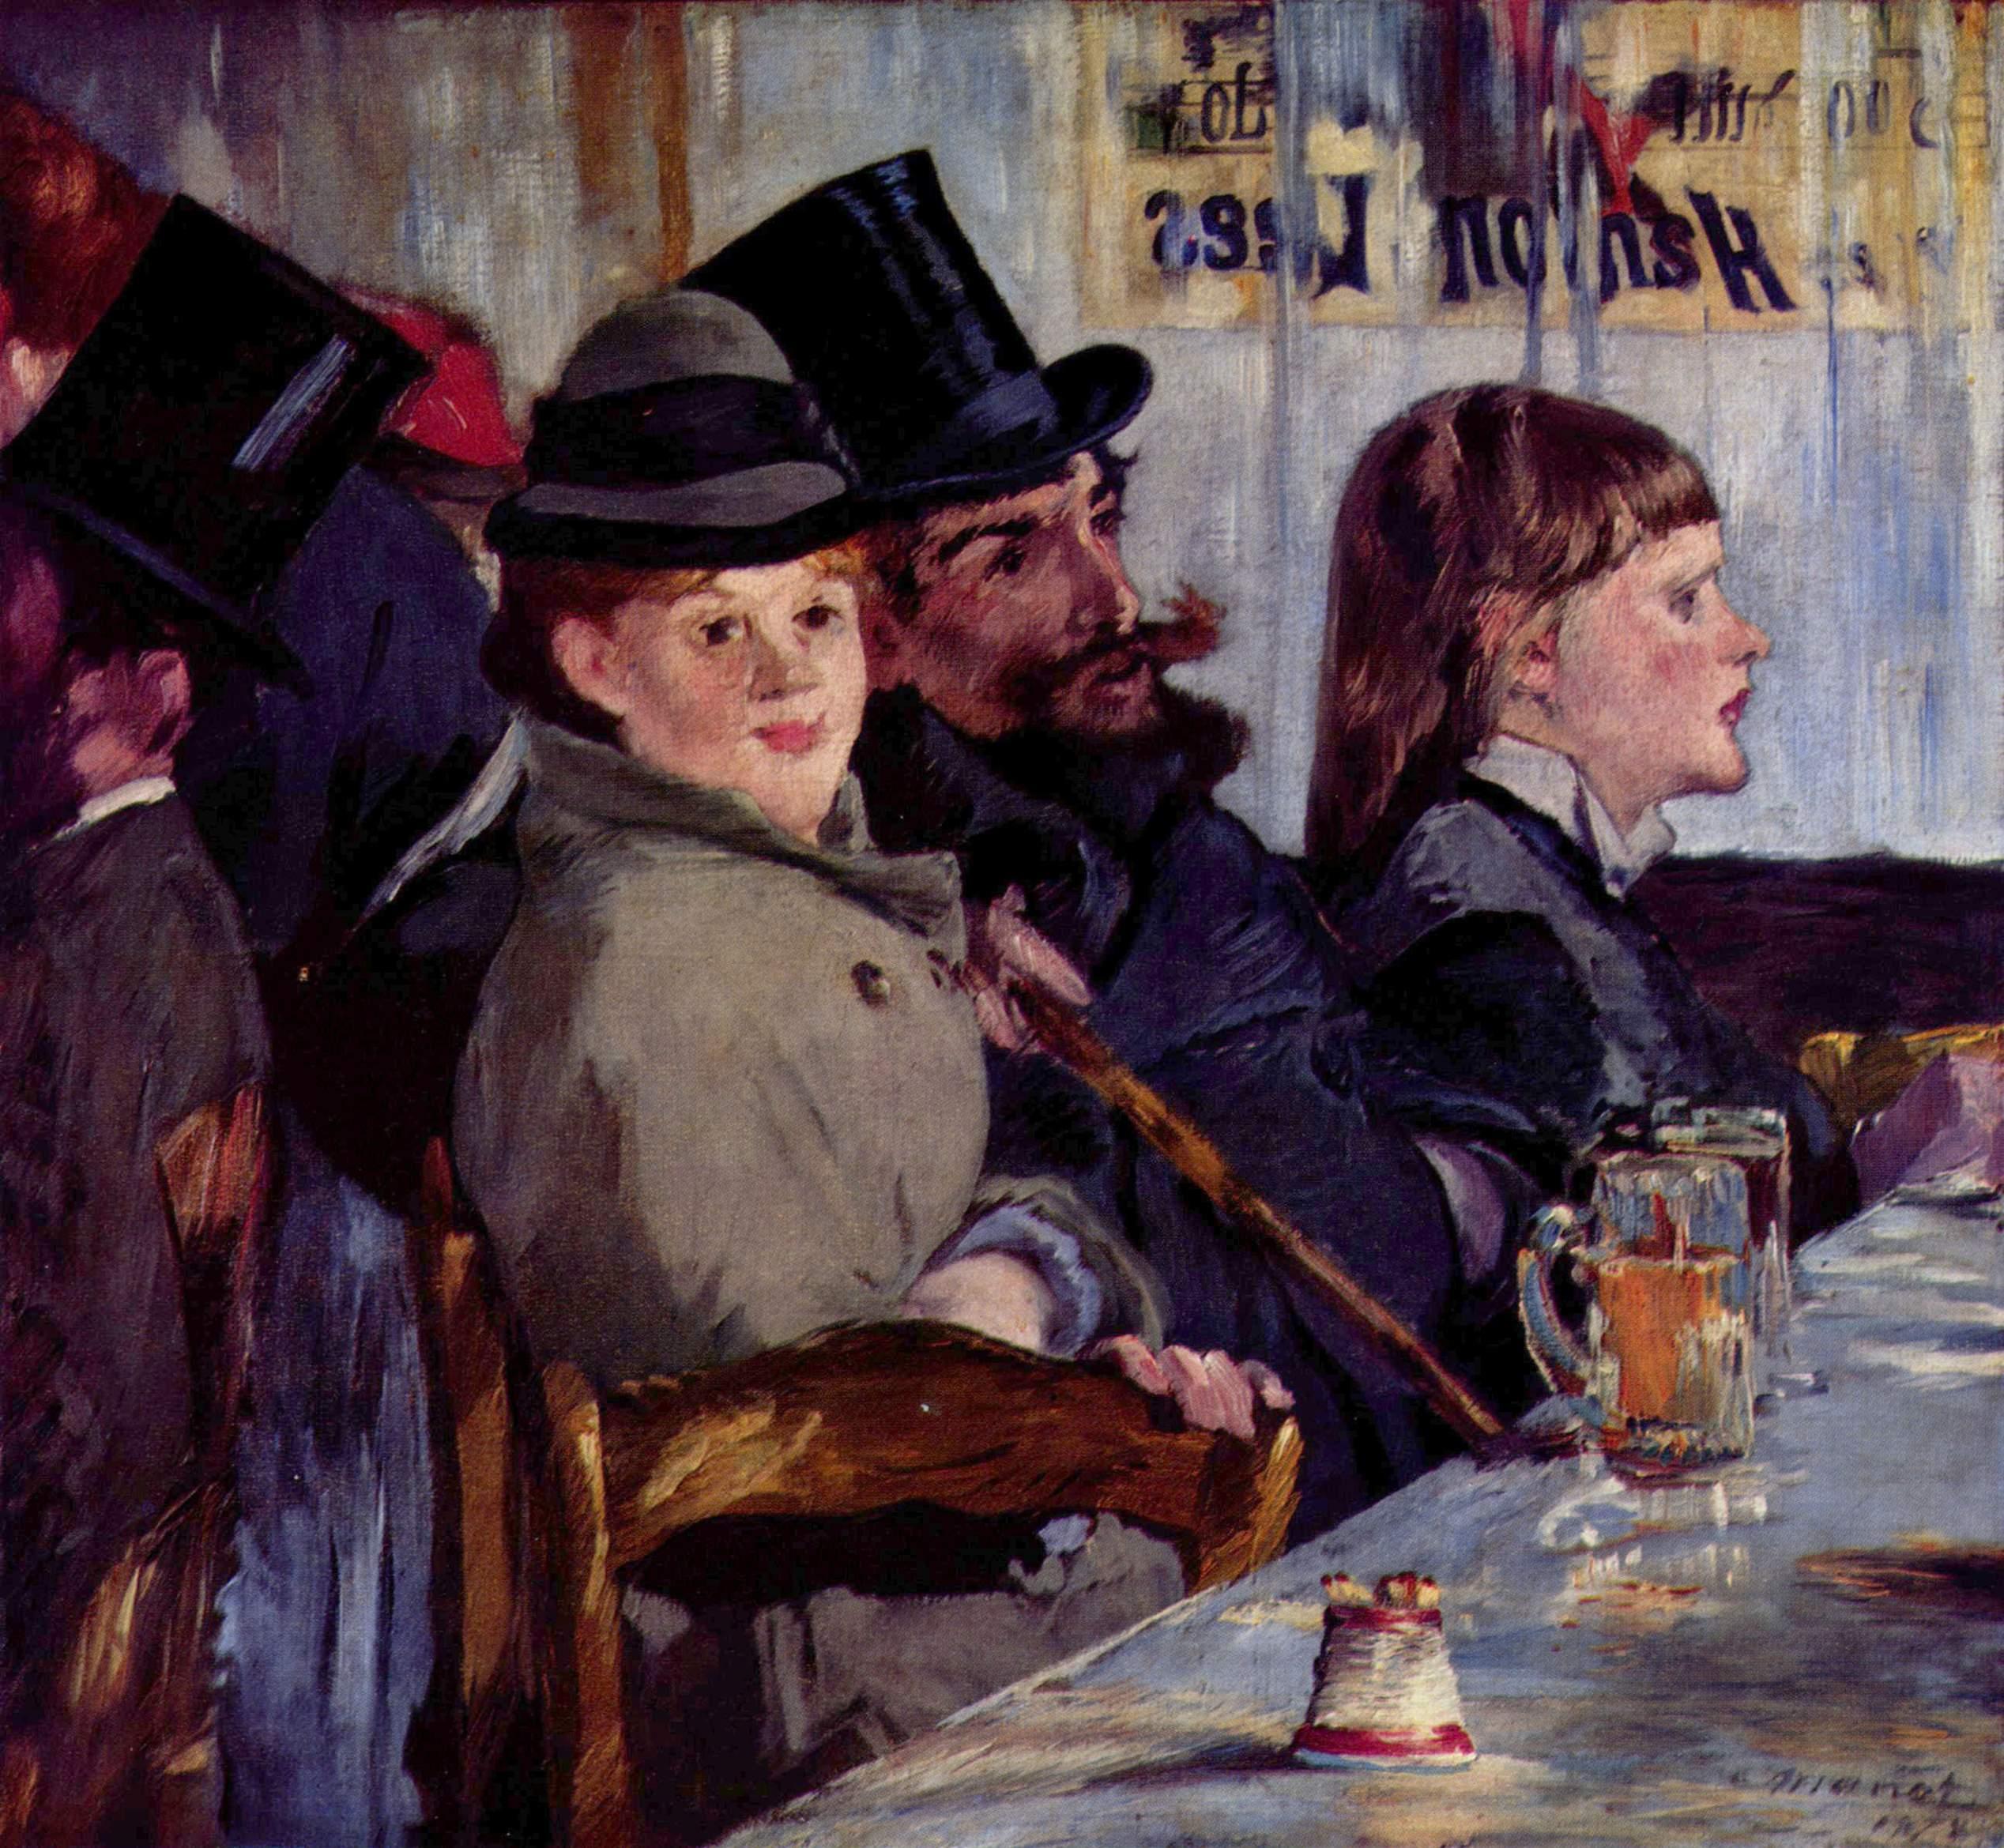 Cafe Cabaret Paris